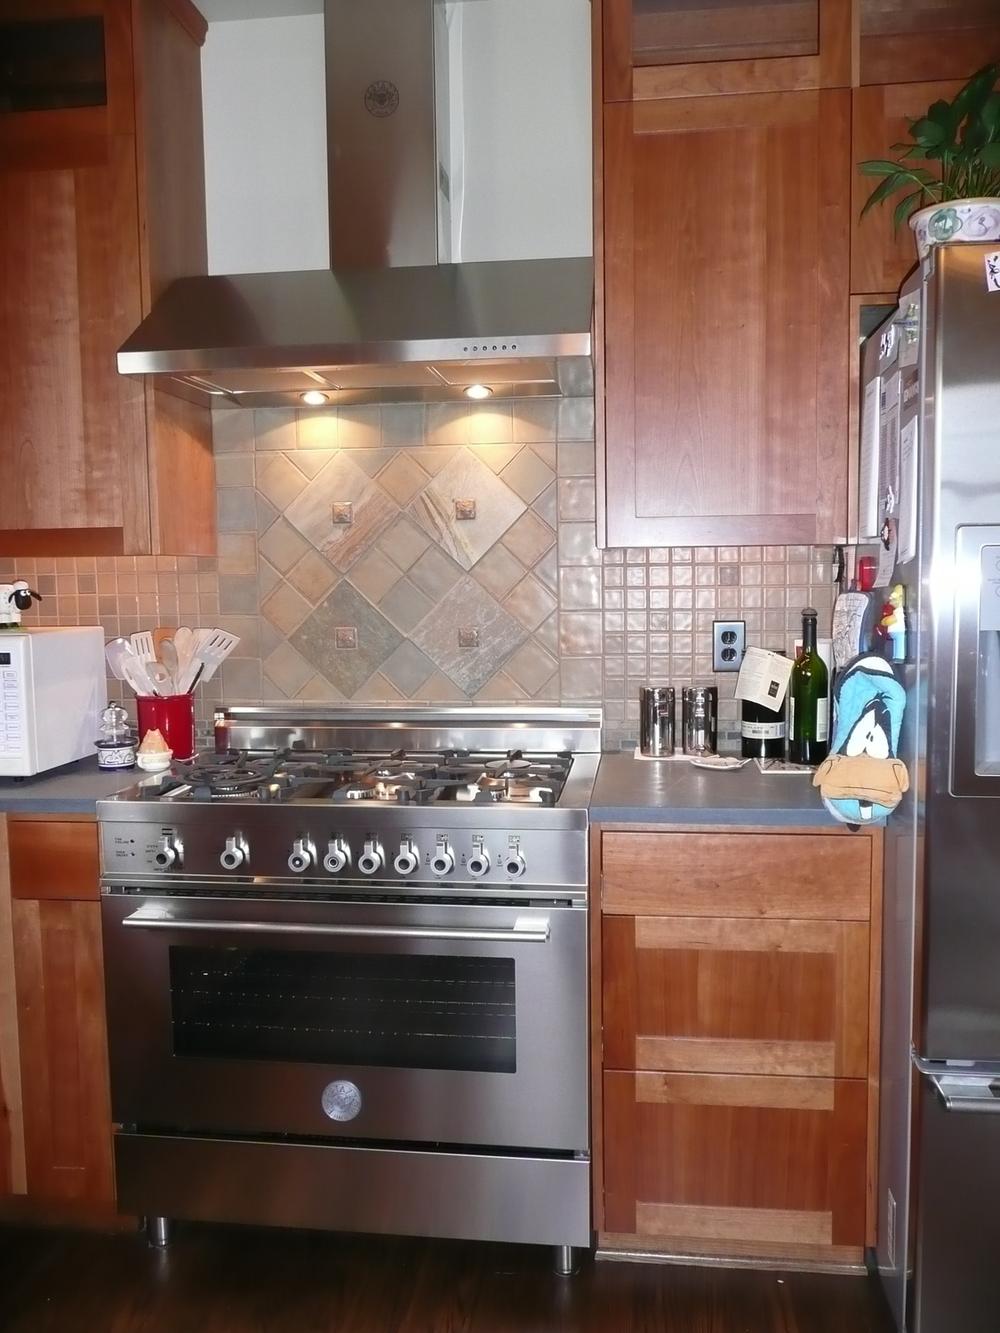 new kitchen stove.JPG